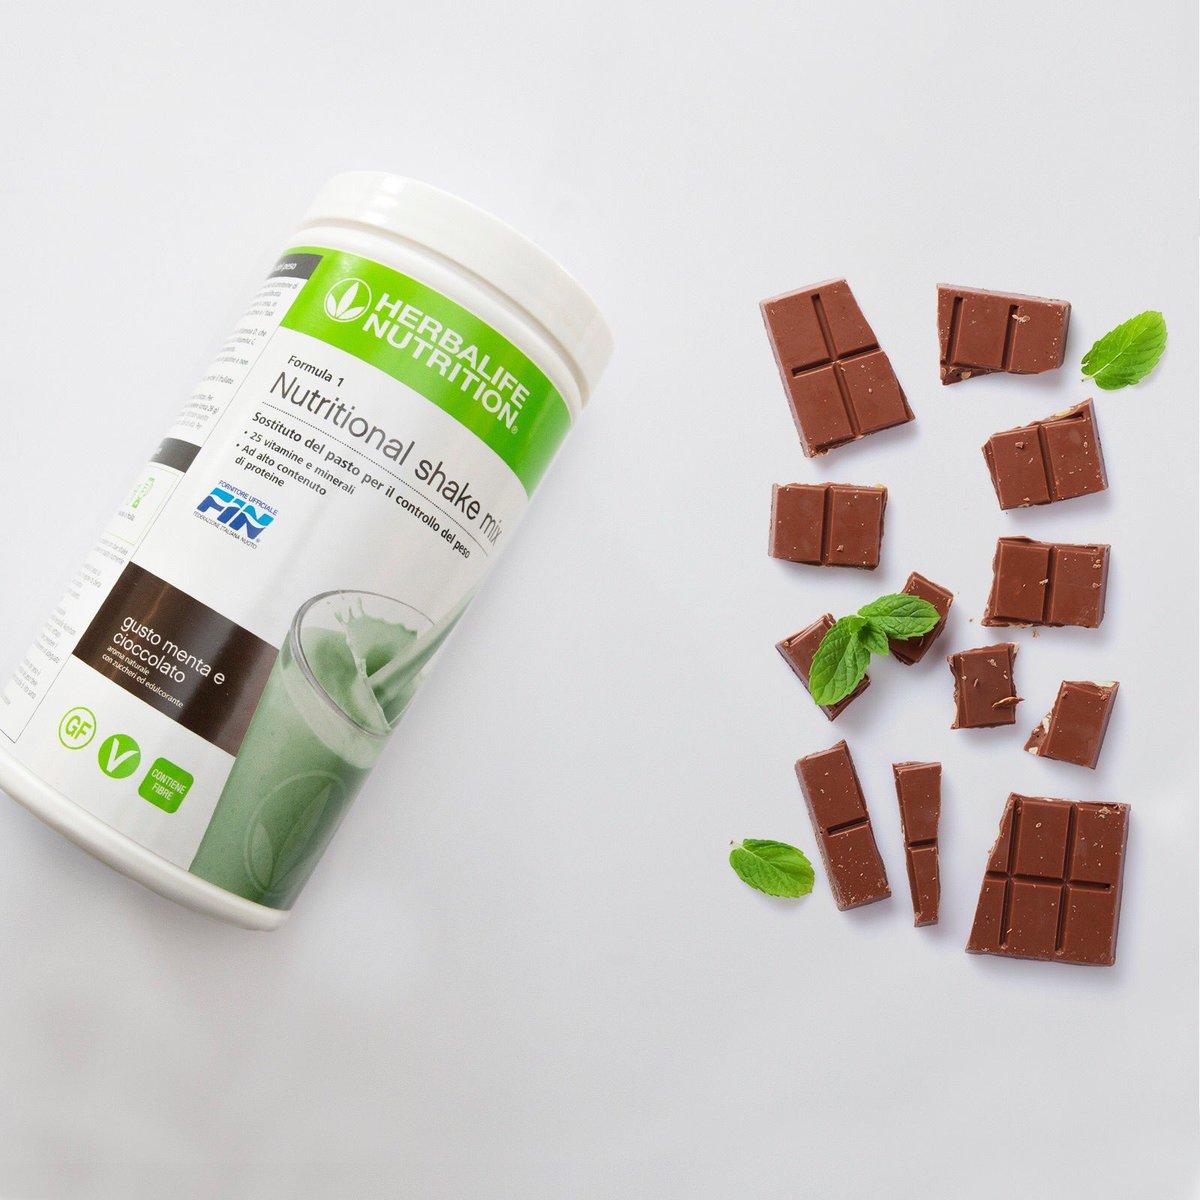 La freschezza della menta, il gusto del cioccolato, una nutrizione equilibrata. Formula 1 Menta e Cioccolato ti offre questo e molto altro! Scoprilo!!! #fitness #sports #nutrizionesana #herbalifenutrition #sostitutodelpasto #perditapeso #integratori #distributori #messinapic.twitter.com/3N7eSvHAQT